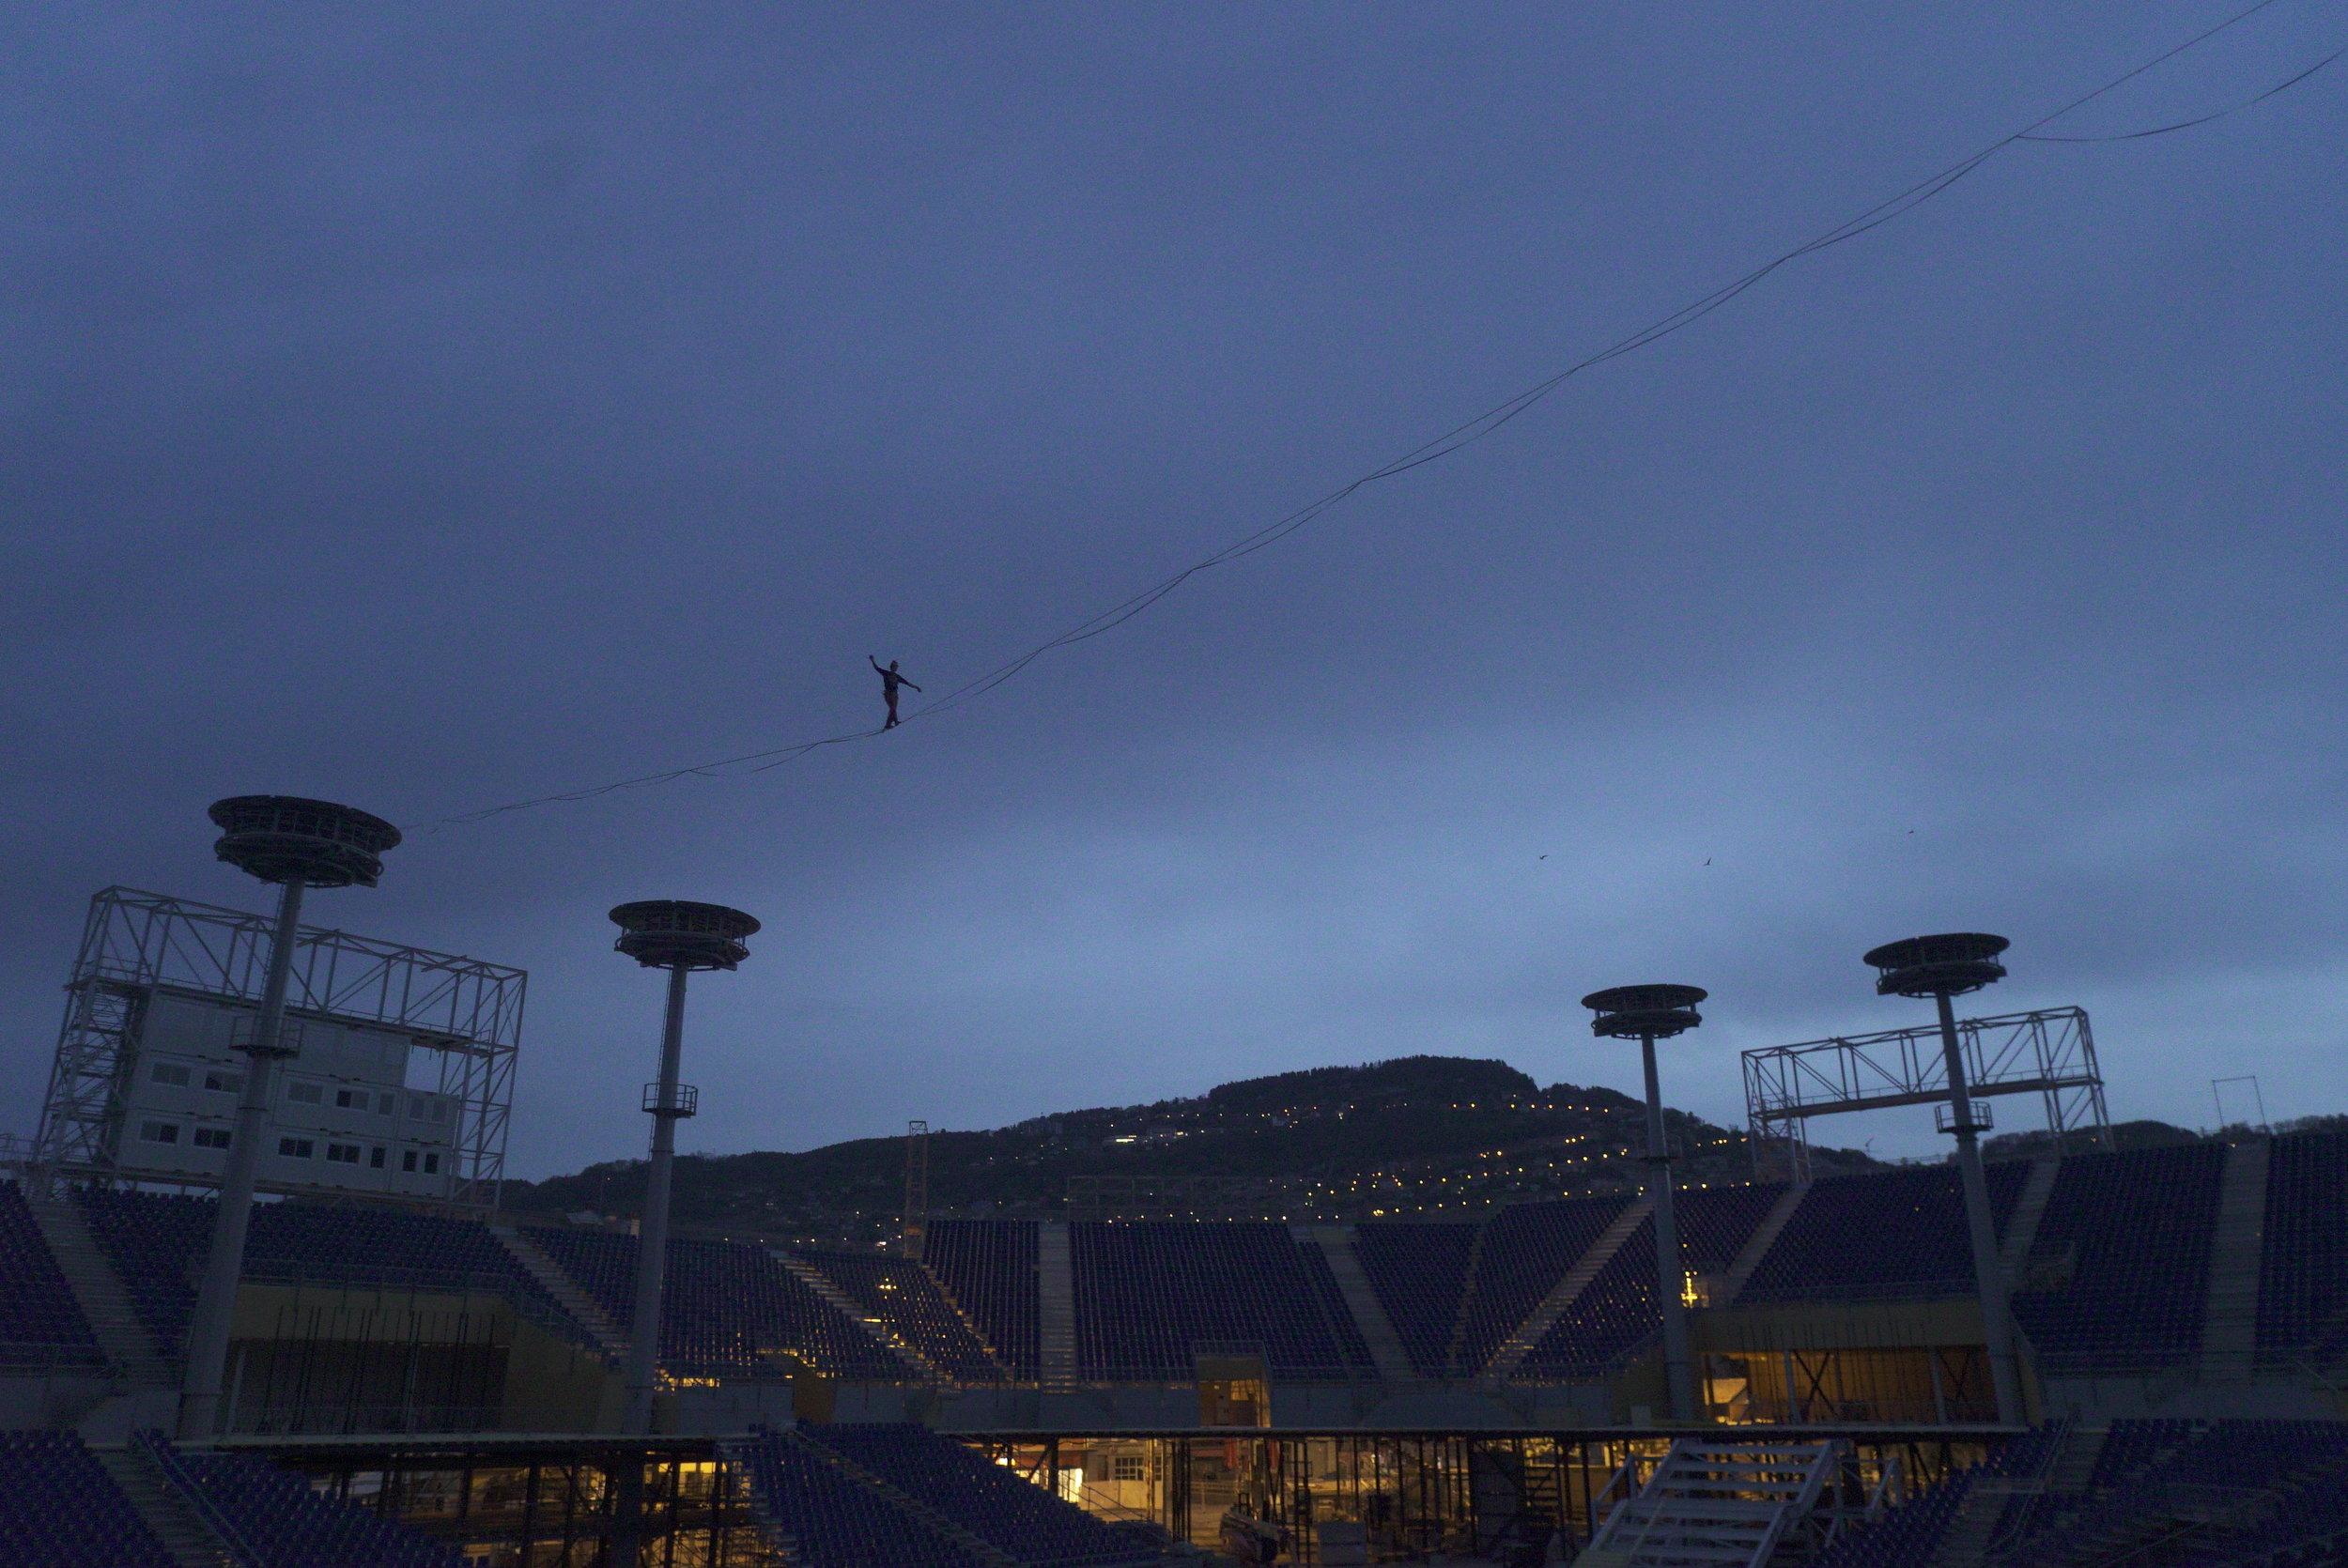 Vevey, Suisse, Fête des vignerons slackline funambule 2019 Slackline Lyell Grunberg show performance spectacle Highline trickline.JPG